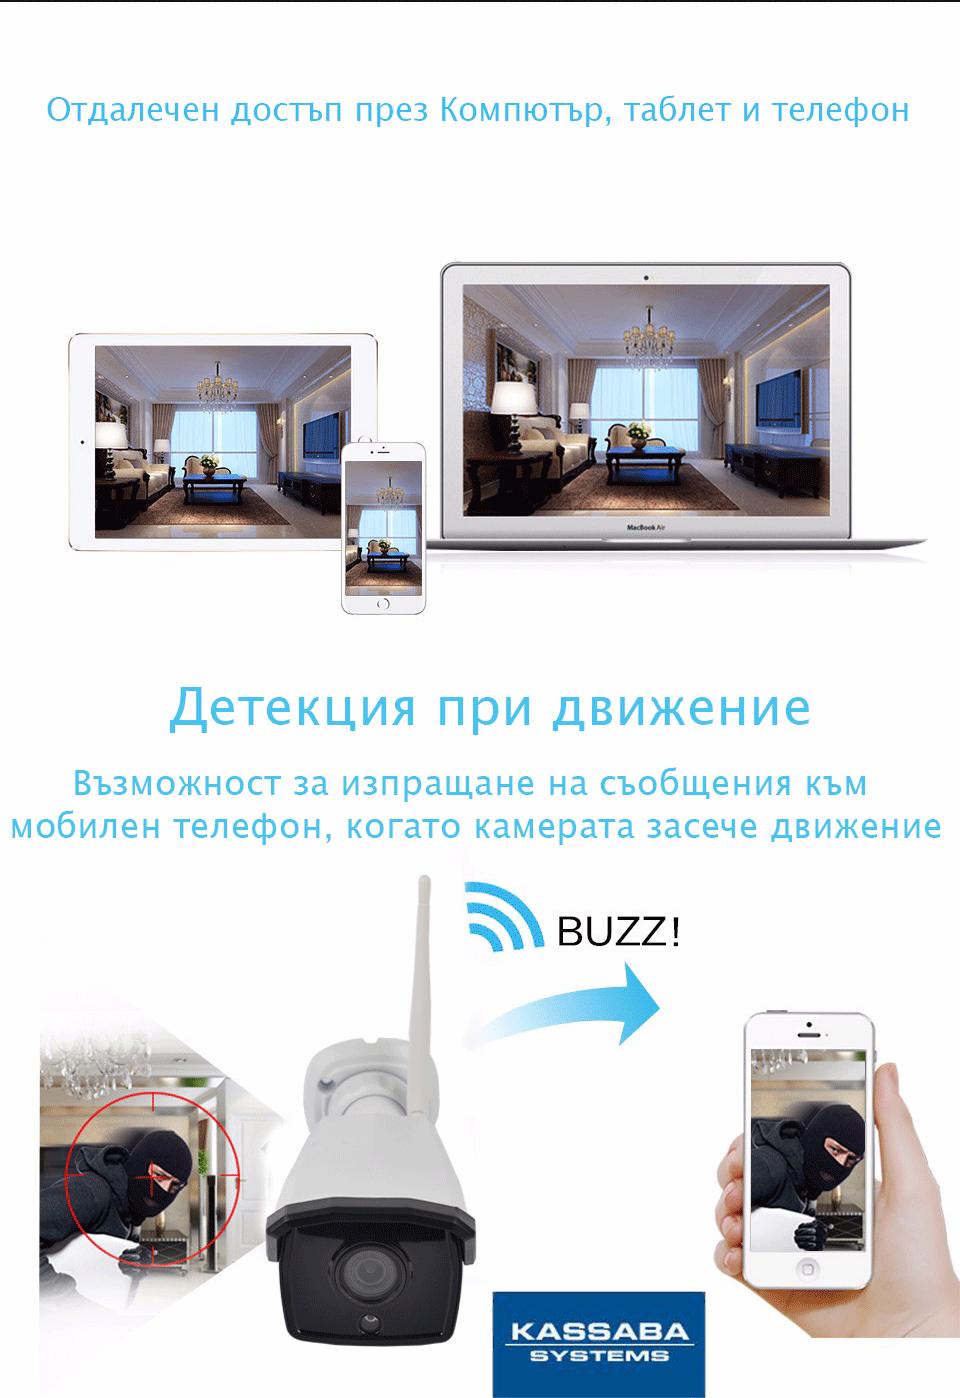 Комплект за видеонаблюдение с отдалечен достъп и детекция